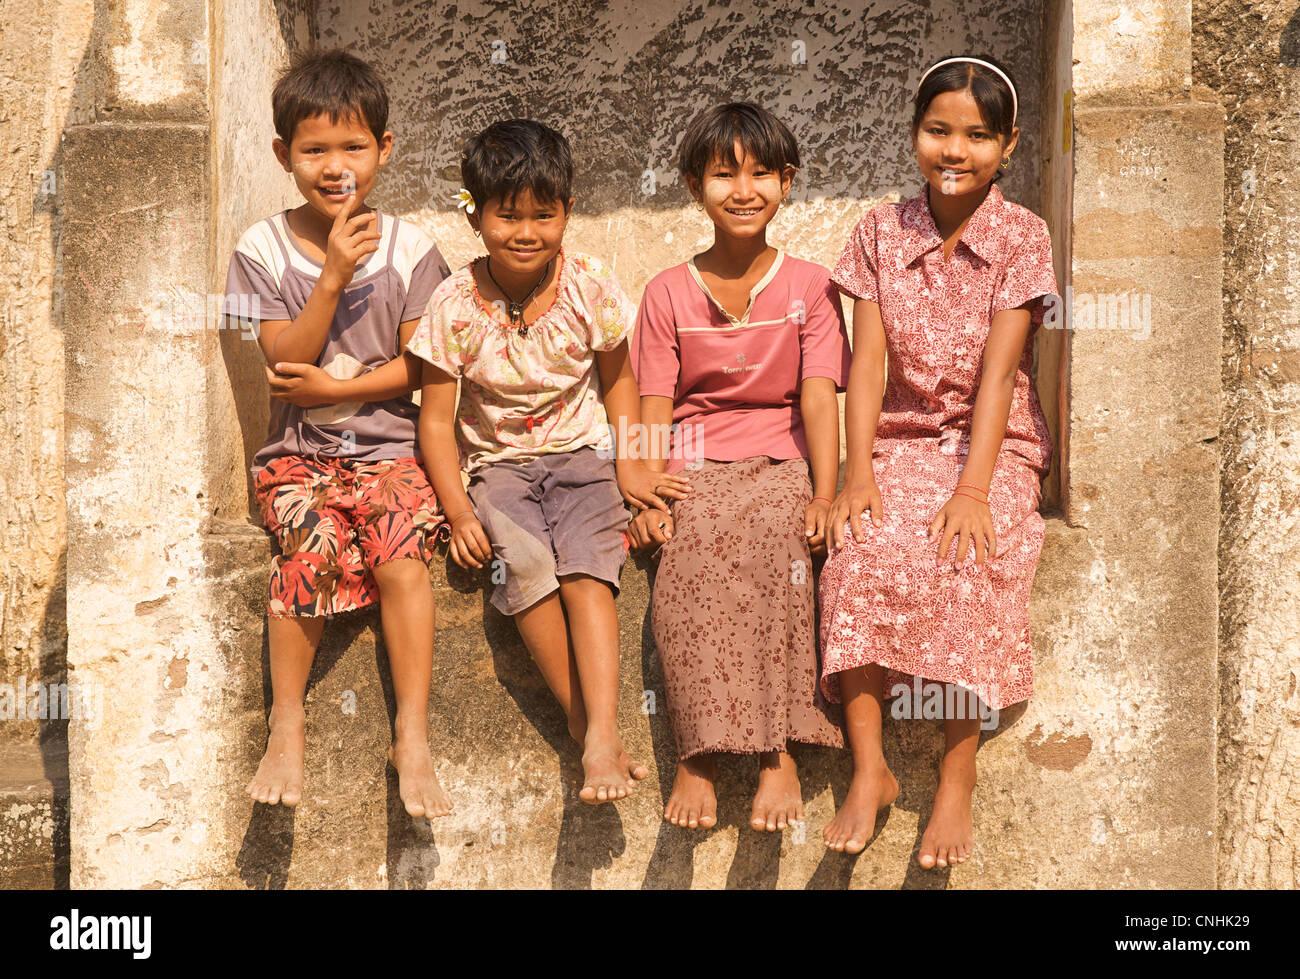 Group portraito f Burmese children at Shwe Ba Daung, Near Monywa, Burma - Stock Image